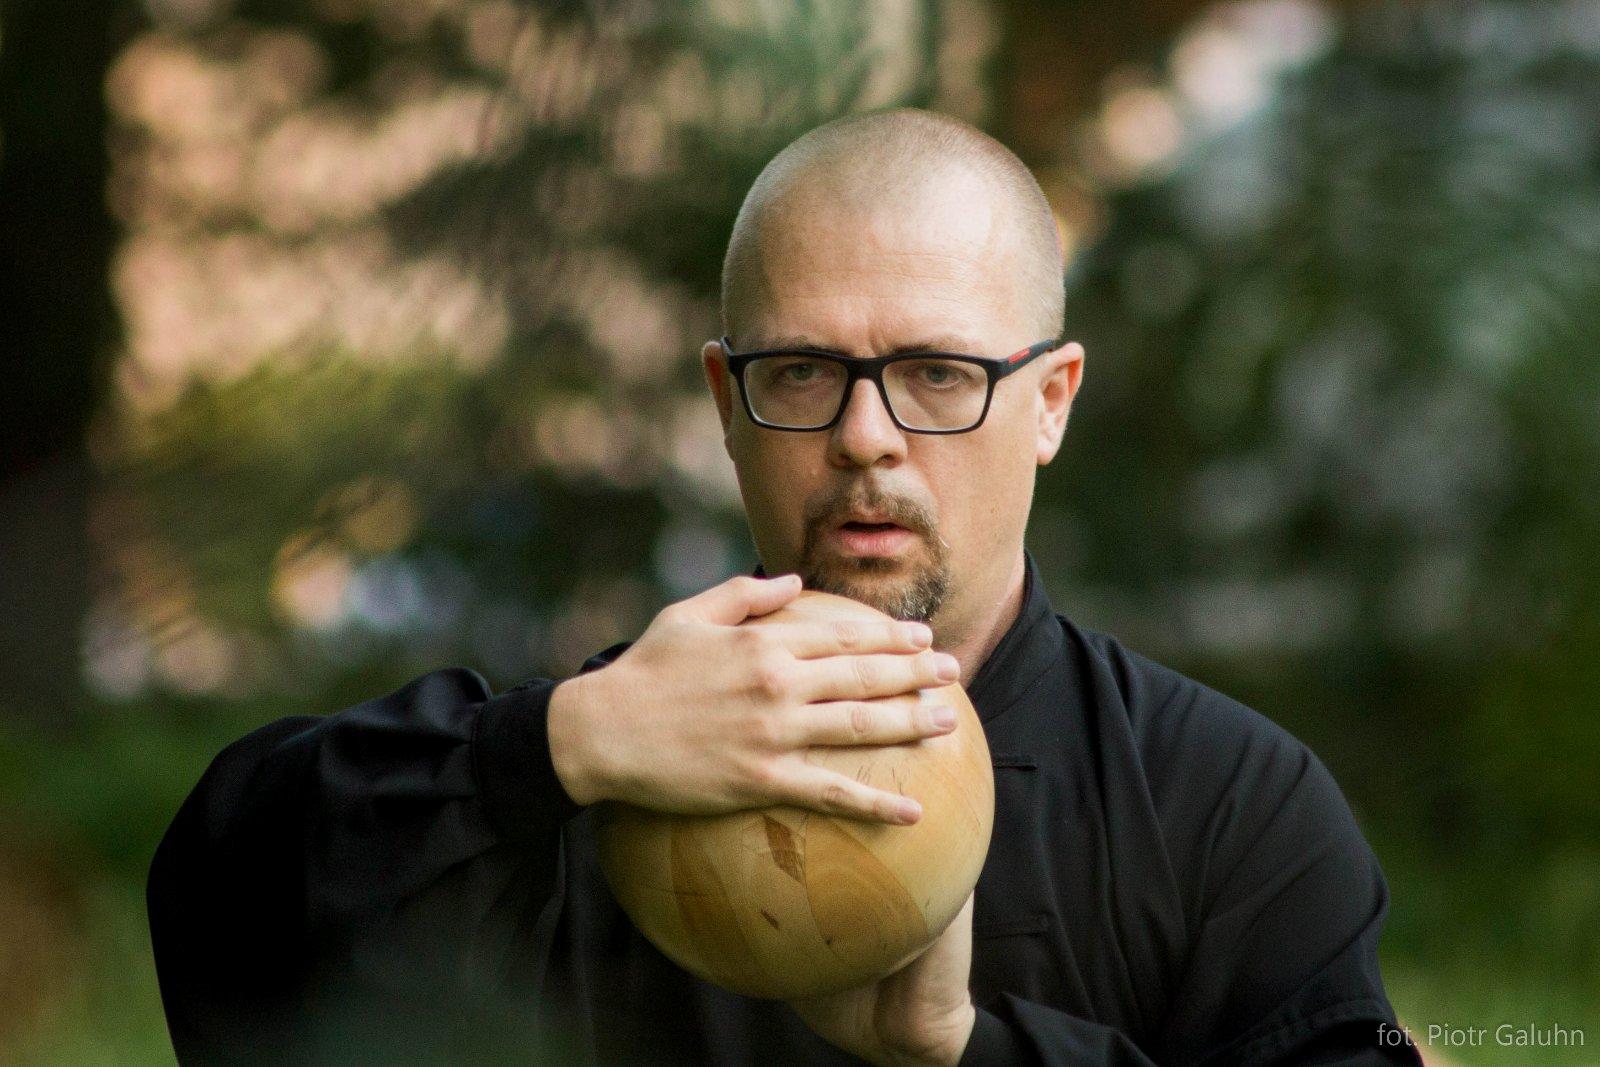 Piotr Galuhn Fotografia